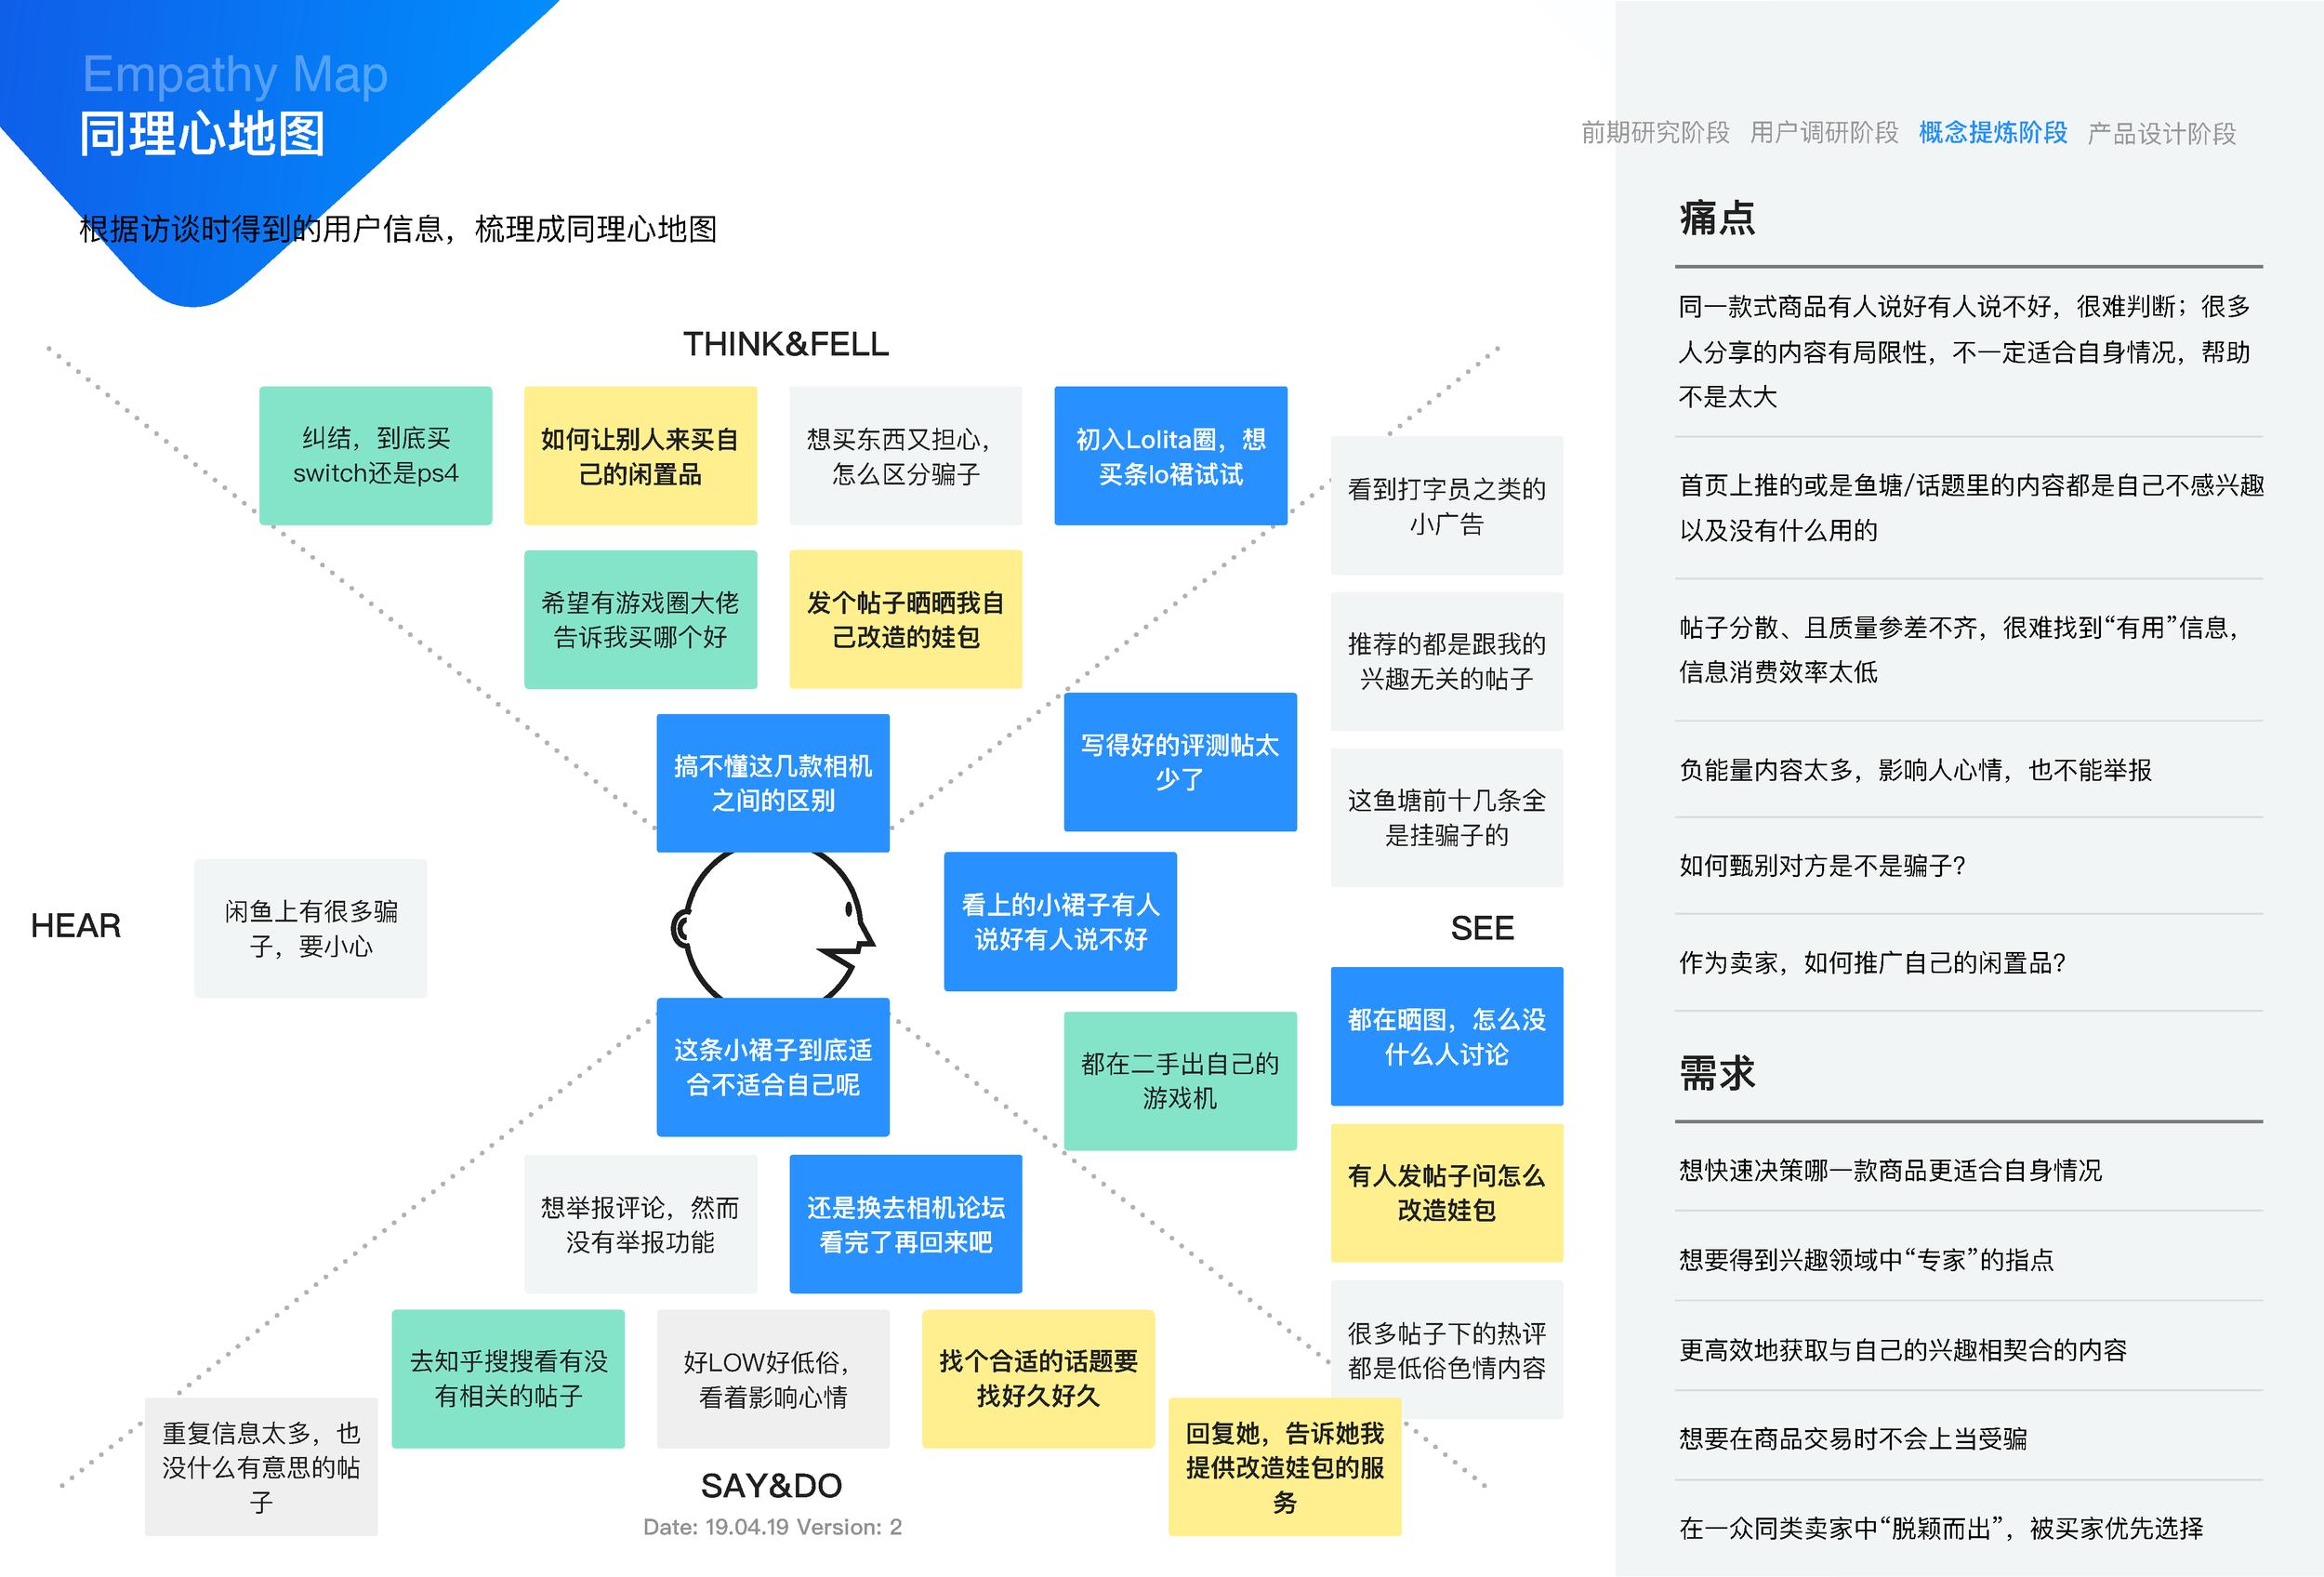 闲鱼社区互动设计(17小组油猫饼)_页面_13.png